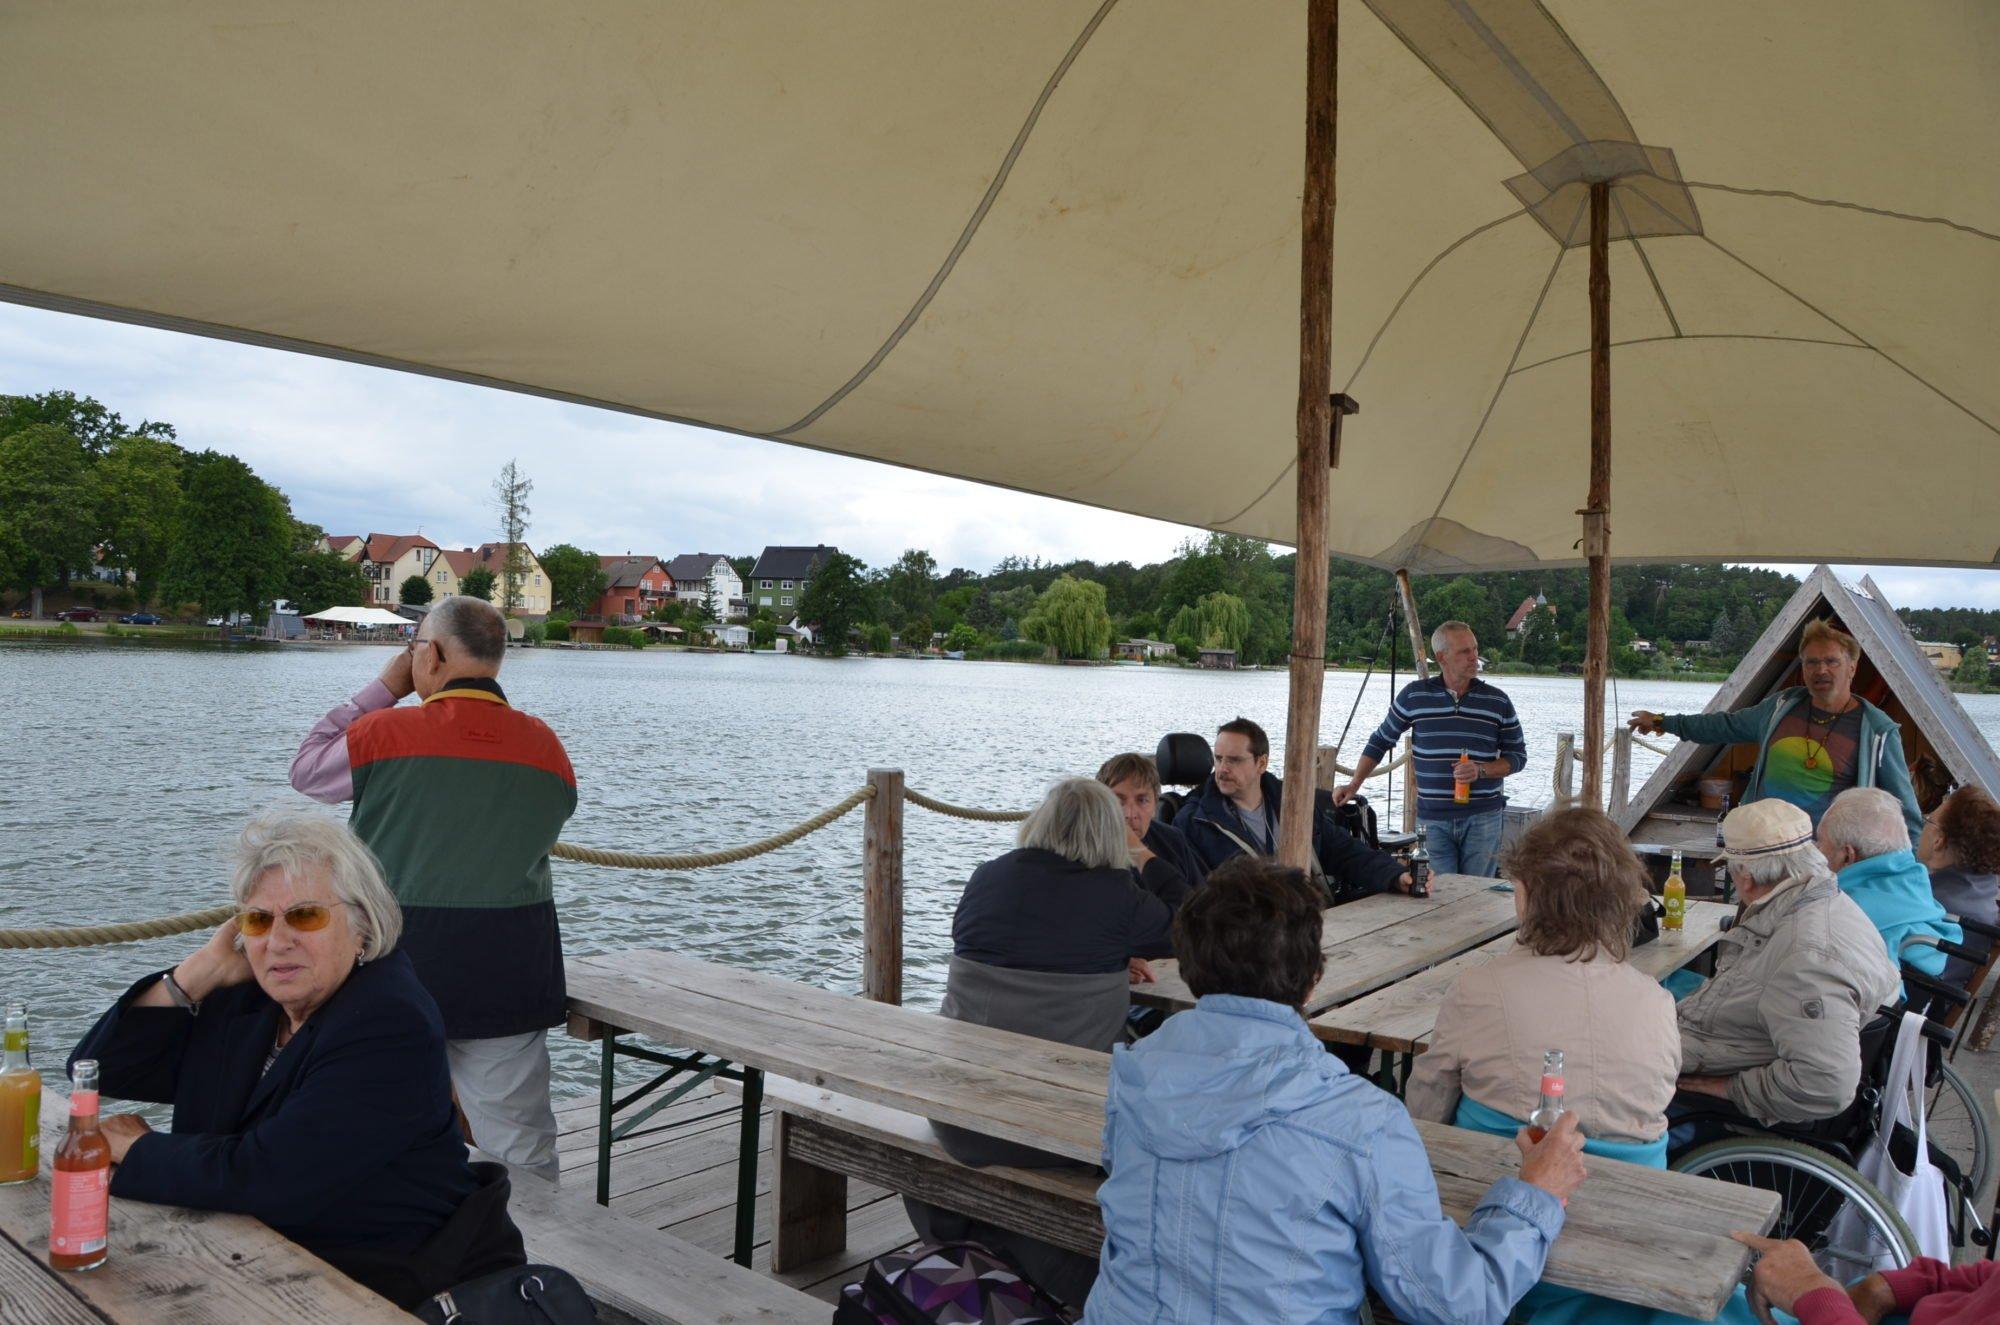 Die Gruppe macht es sich auf dem Floß gemütlich.